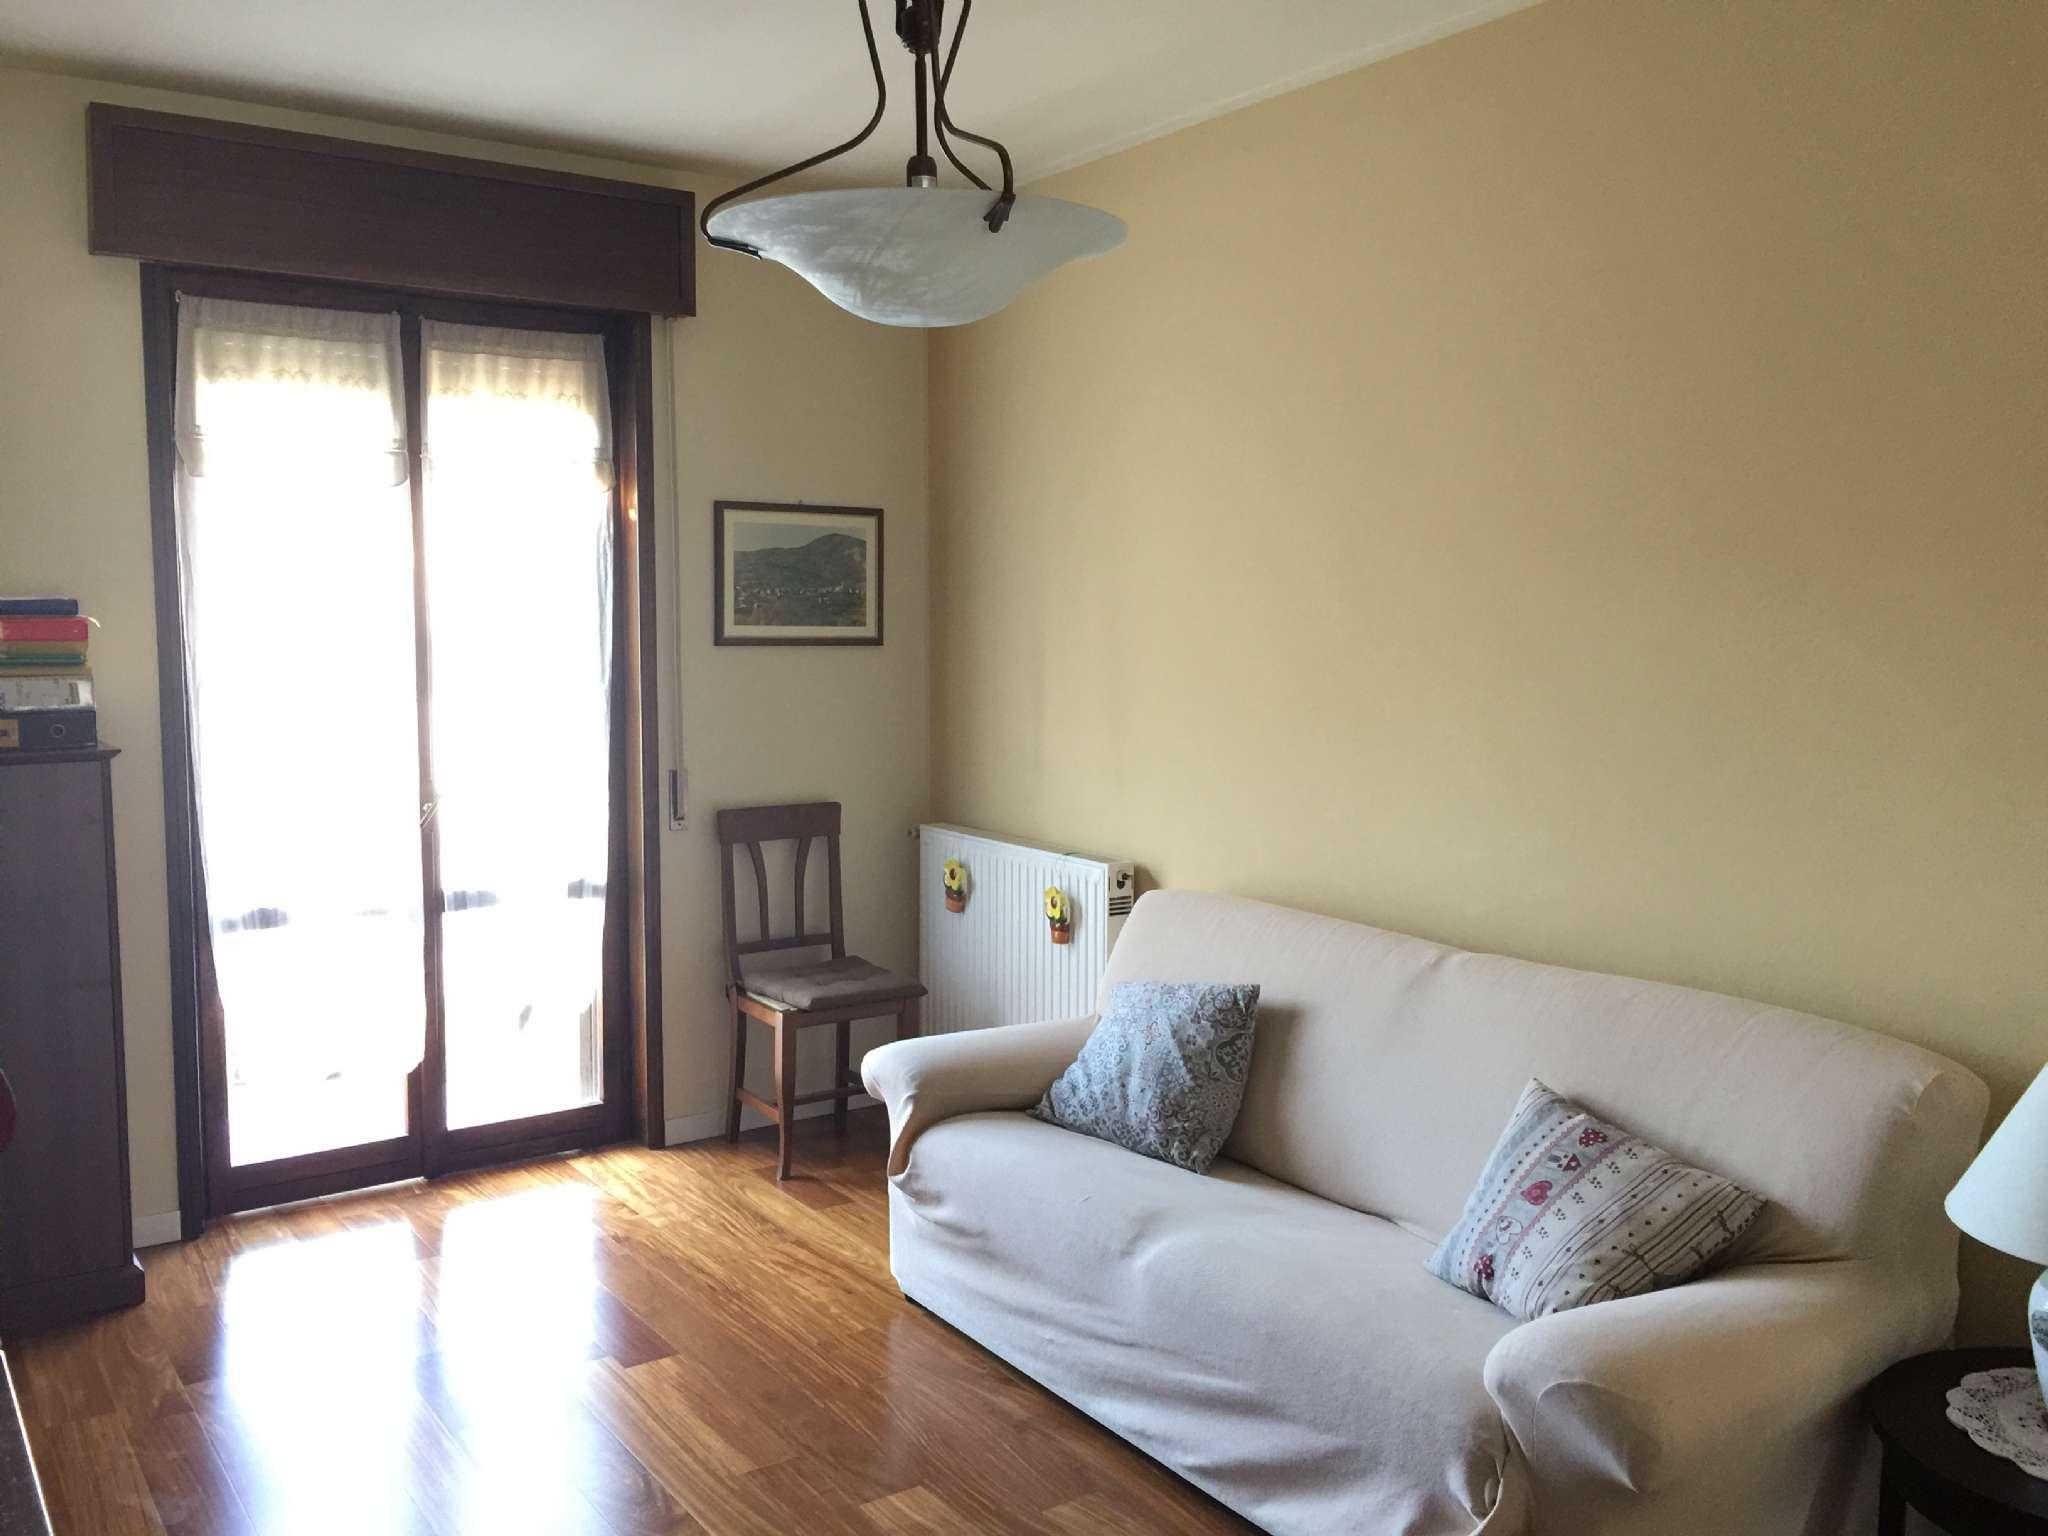 Appartamento in vendita a Lugagnano Val D'Arda, 3 locali, prezzo € 80.000 | CambioCasa.it